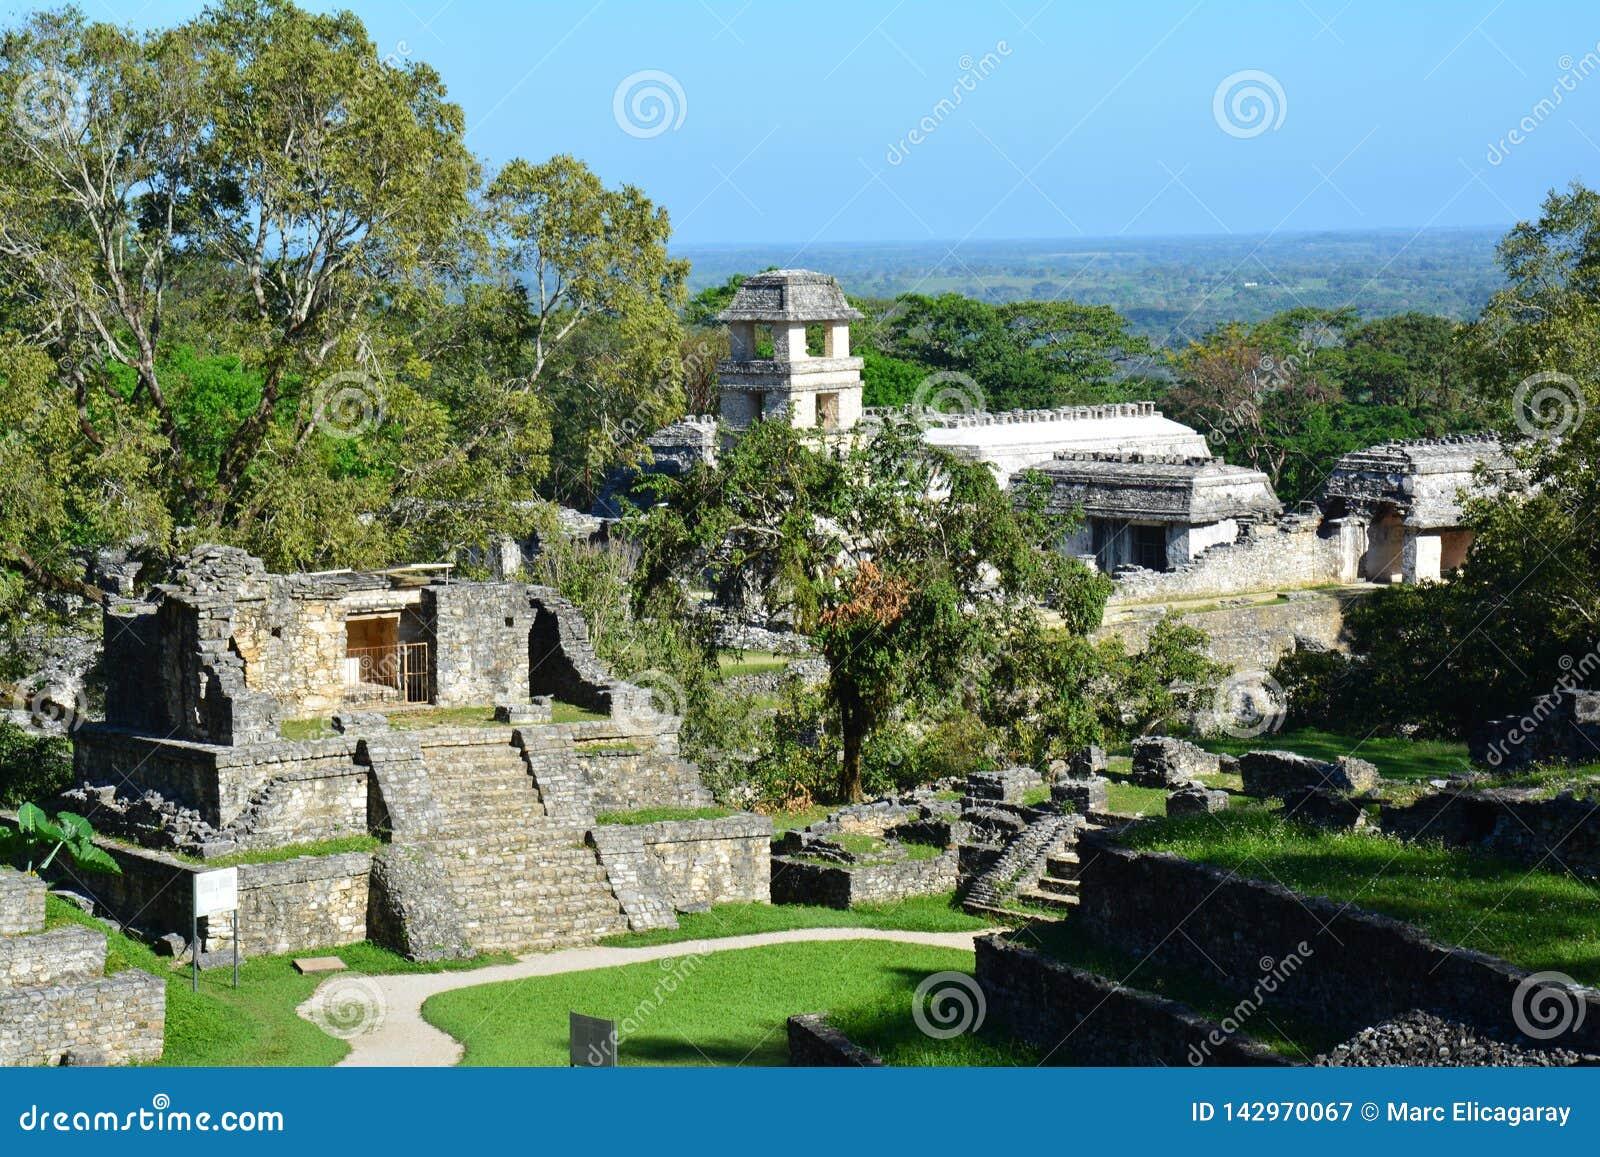 La vue Palenque ruine Chiapas Mexique